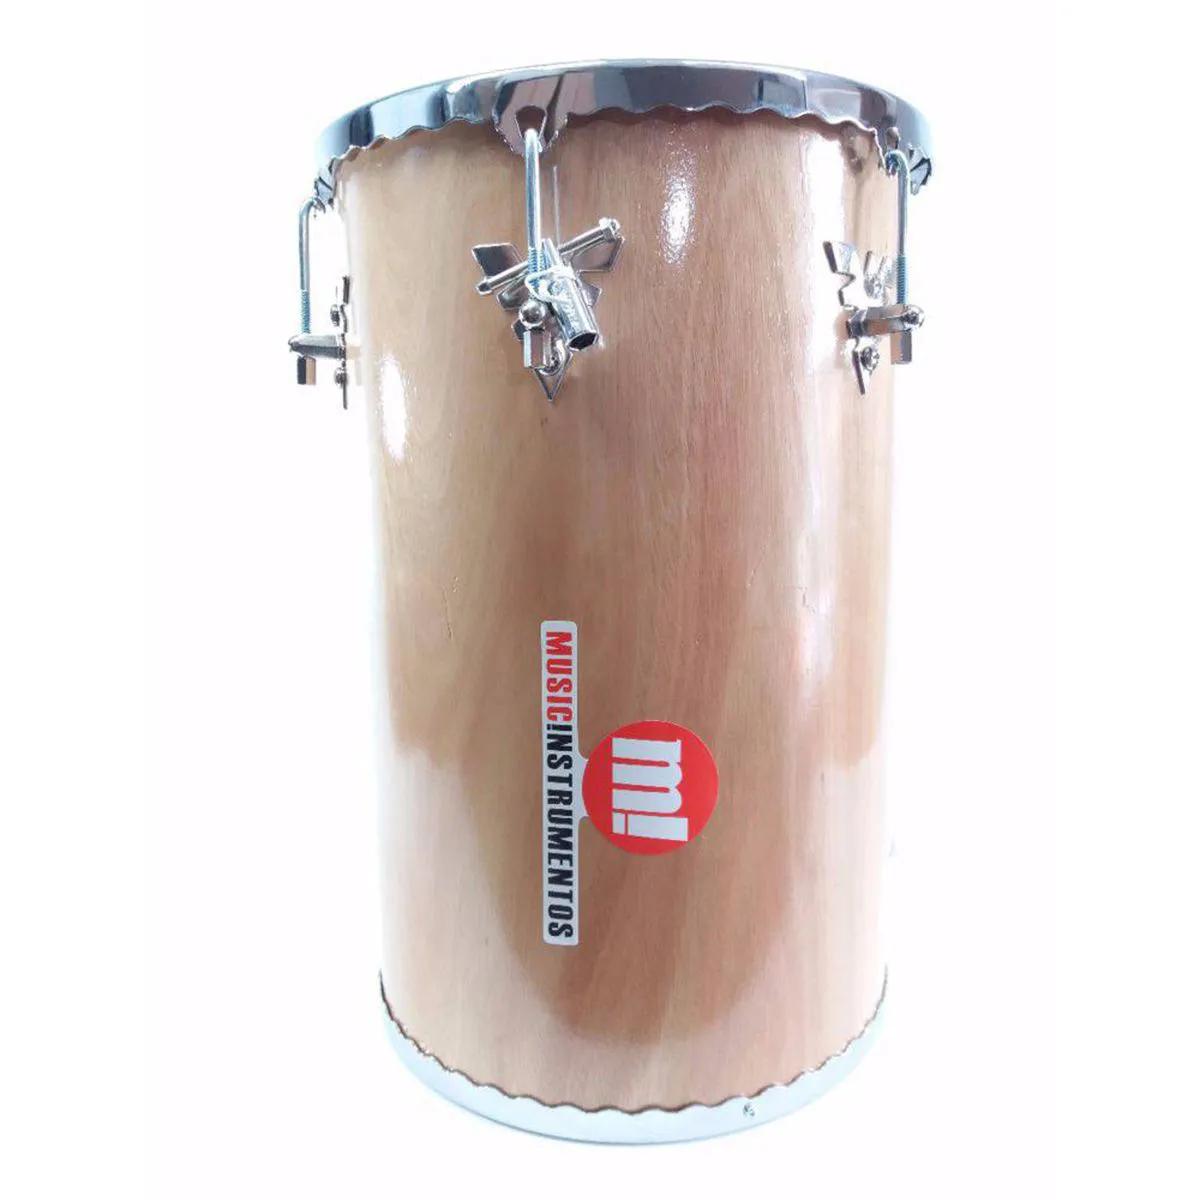 Rebolo Phx Music 50x12 Madeira Verniz Natural